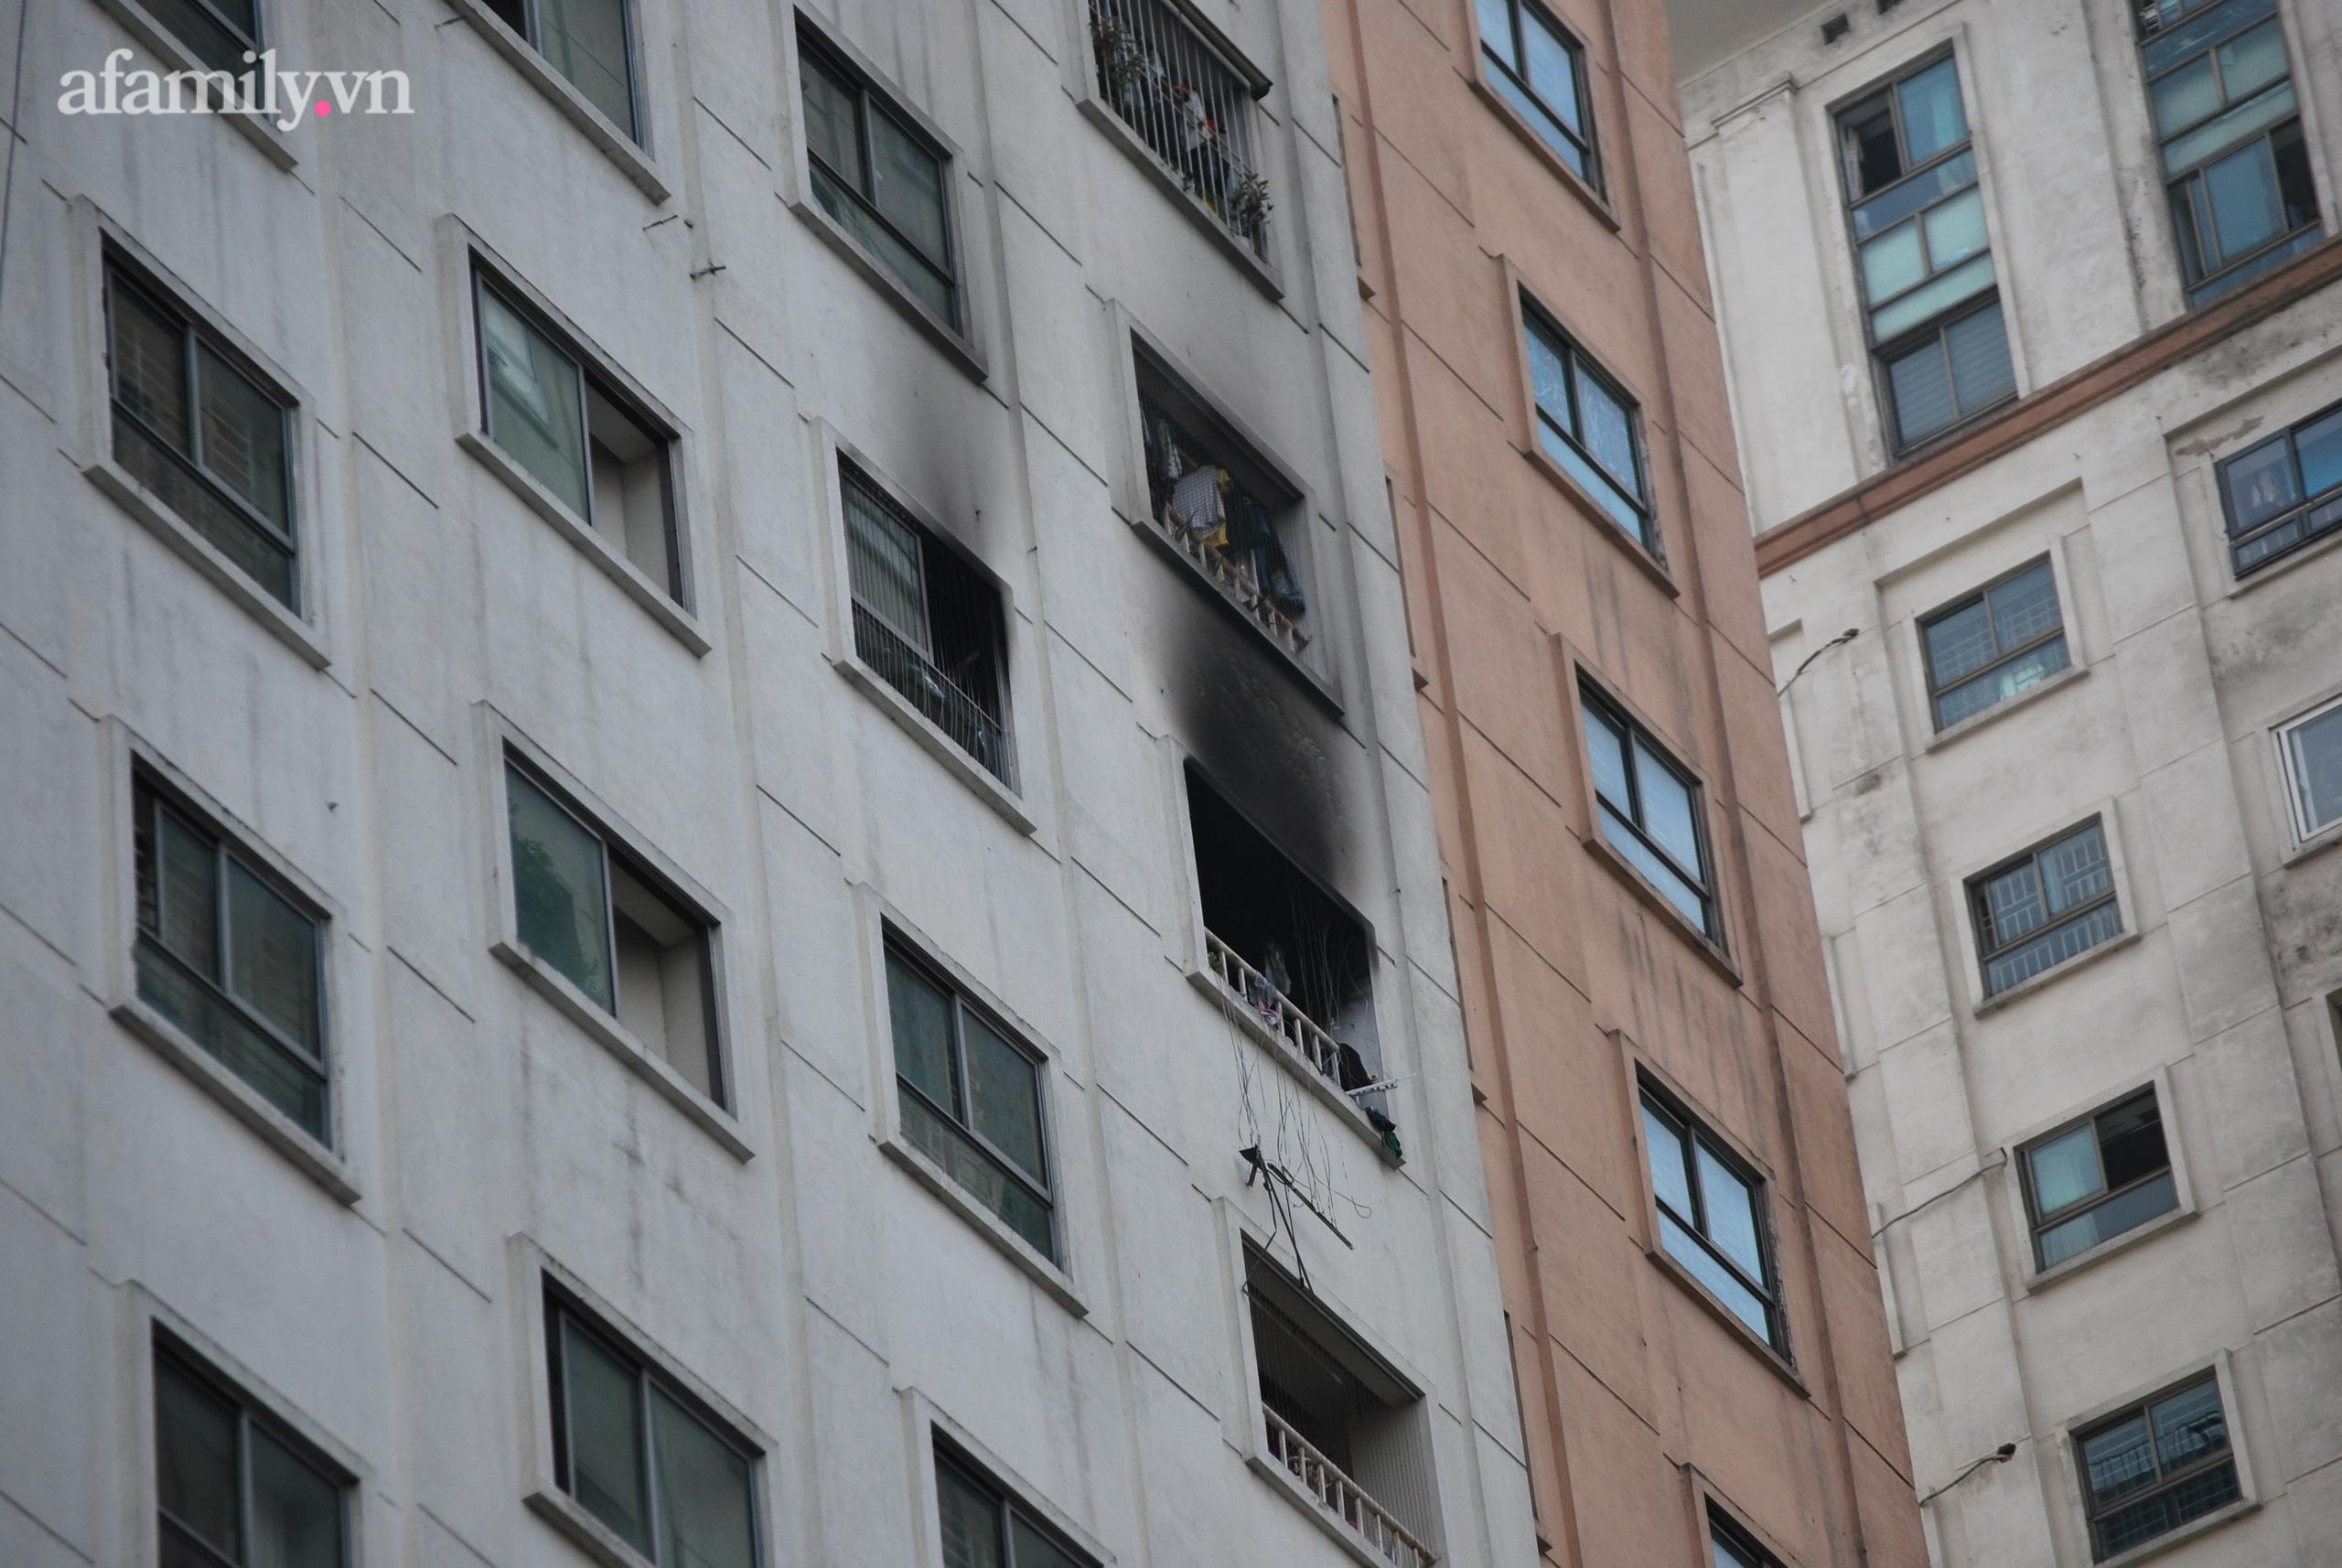 Hà Nội: Cháy lớn tại chung cư người dân hoảng loạn chạy từ tầng 13 xuống sân - Ảnh 2.